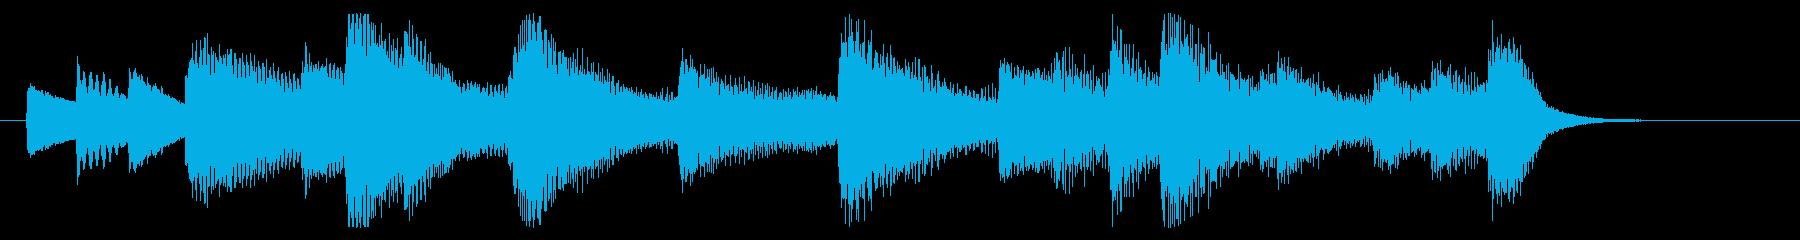 【休日はまったり2】の再生済みの波形